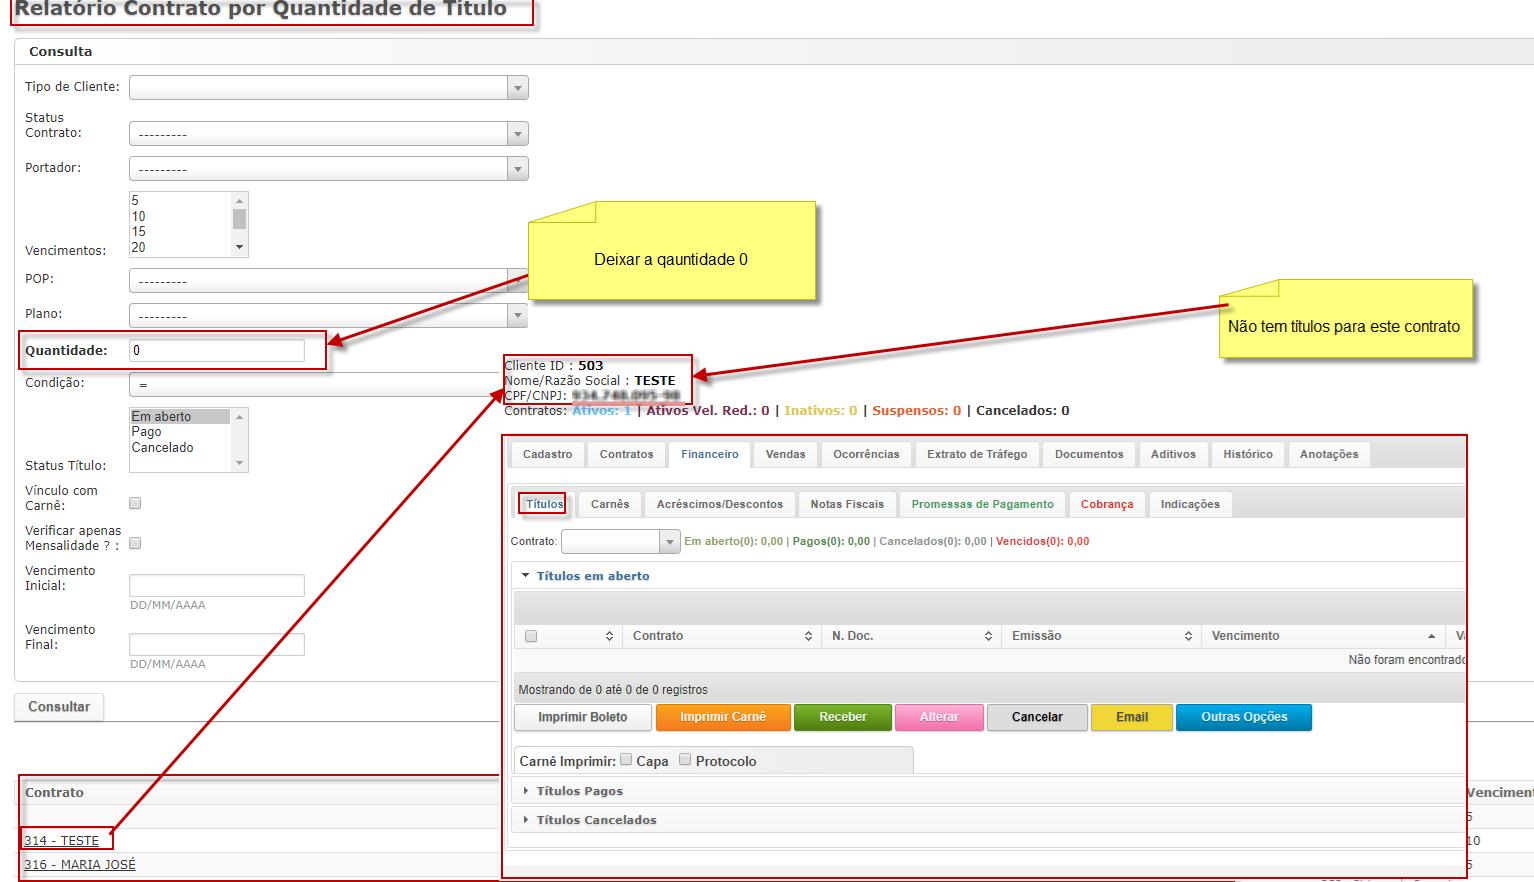 Exemplo de um resultado, caso o usuário deseje consultar quais são os contratos que não existem títulos (Financeiro)